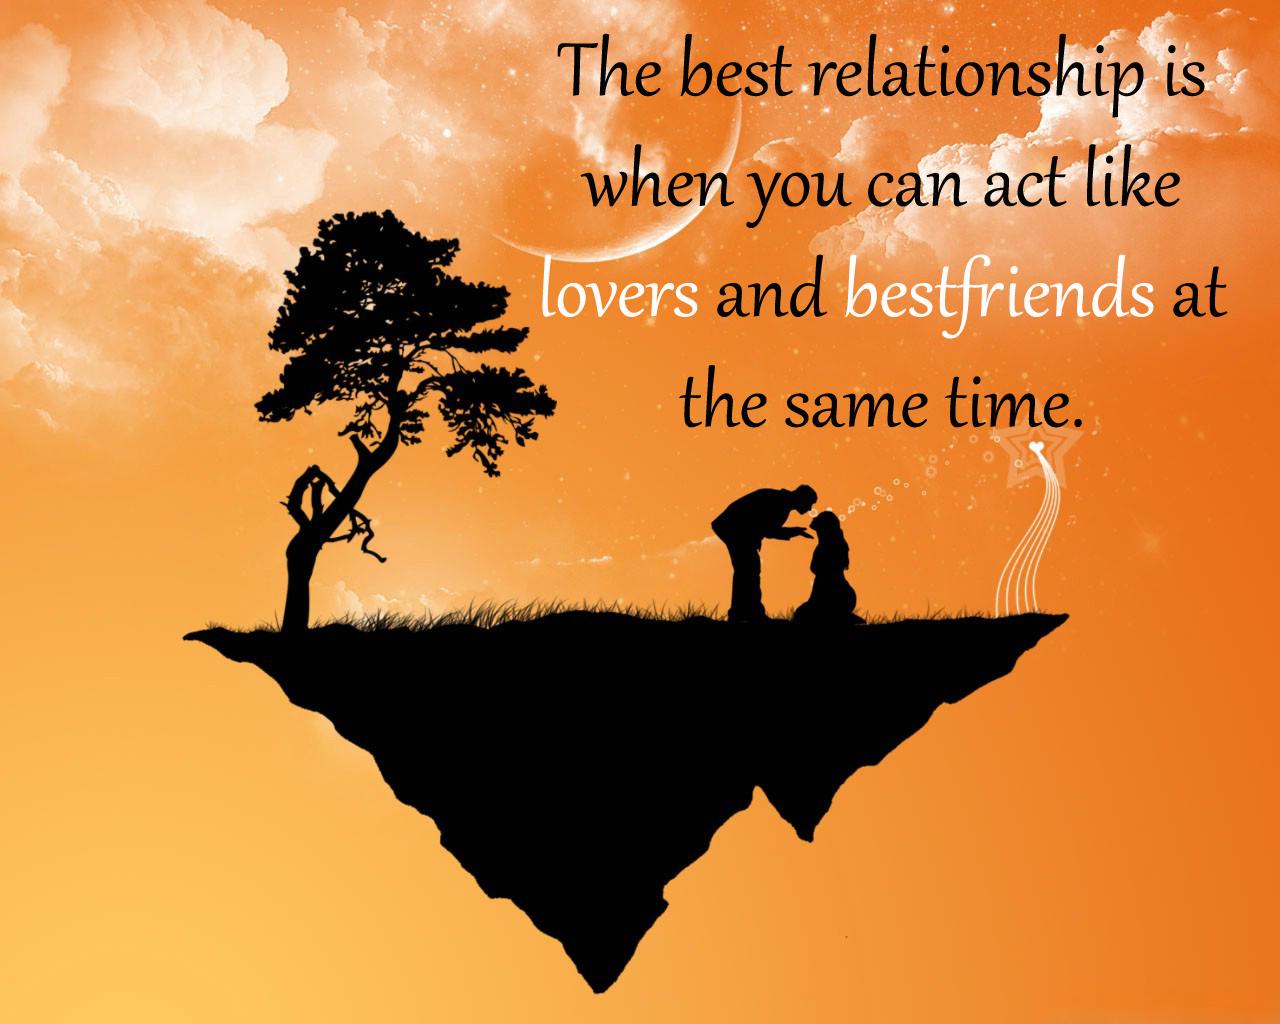 http://3.bp.blogspot.com/-1n7JUHL8QrQ/UFykkmSwUBI/AAAAAAAAB9w/C9FFBCk2HGo/s1600/Love+You+Sweet+Heart+Love+Wallpaper+copy.jpg